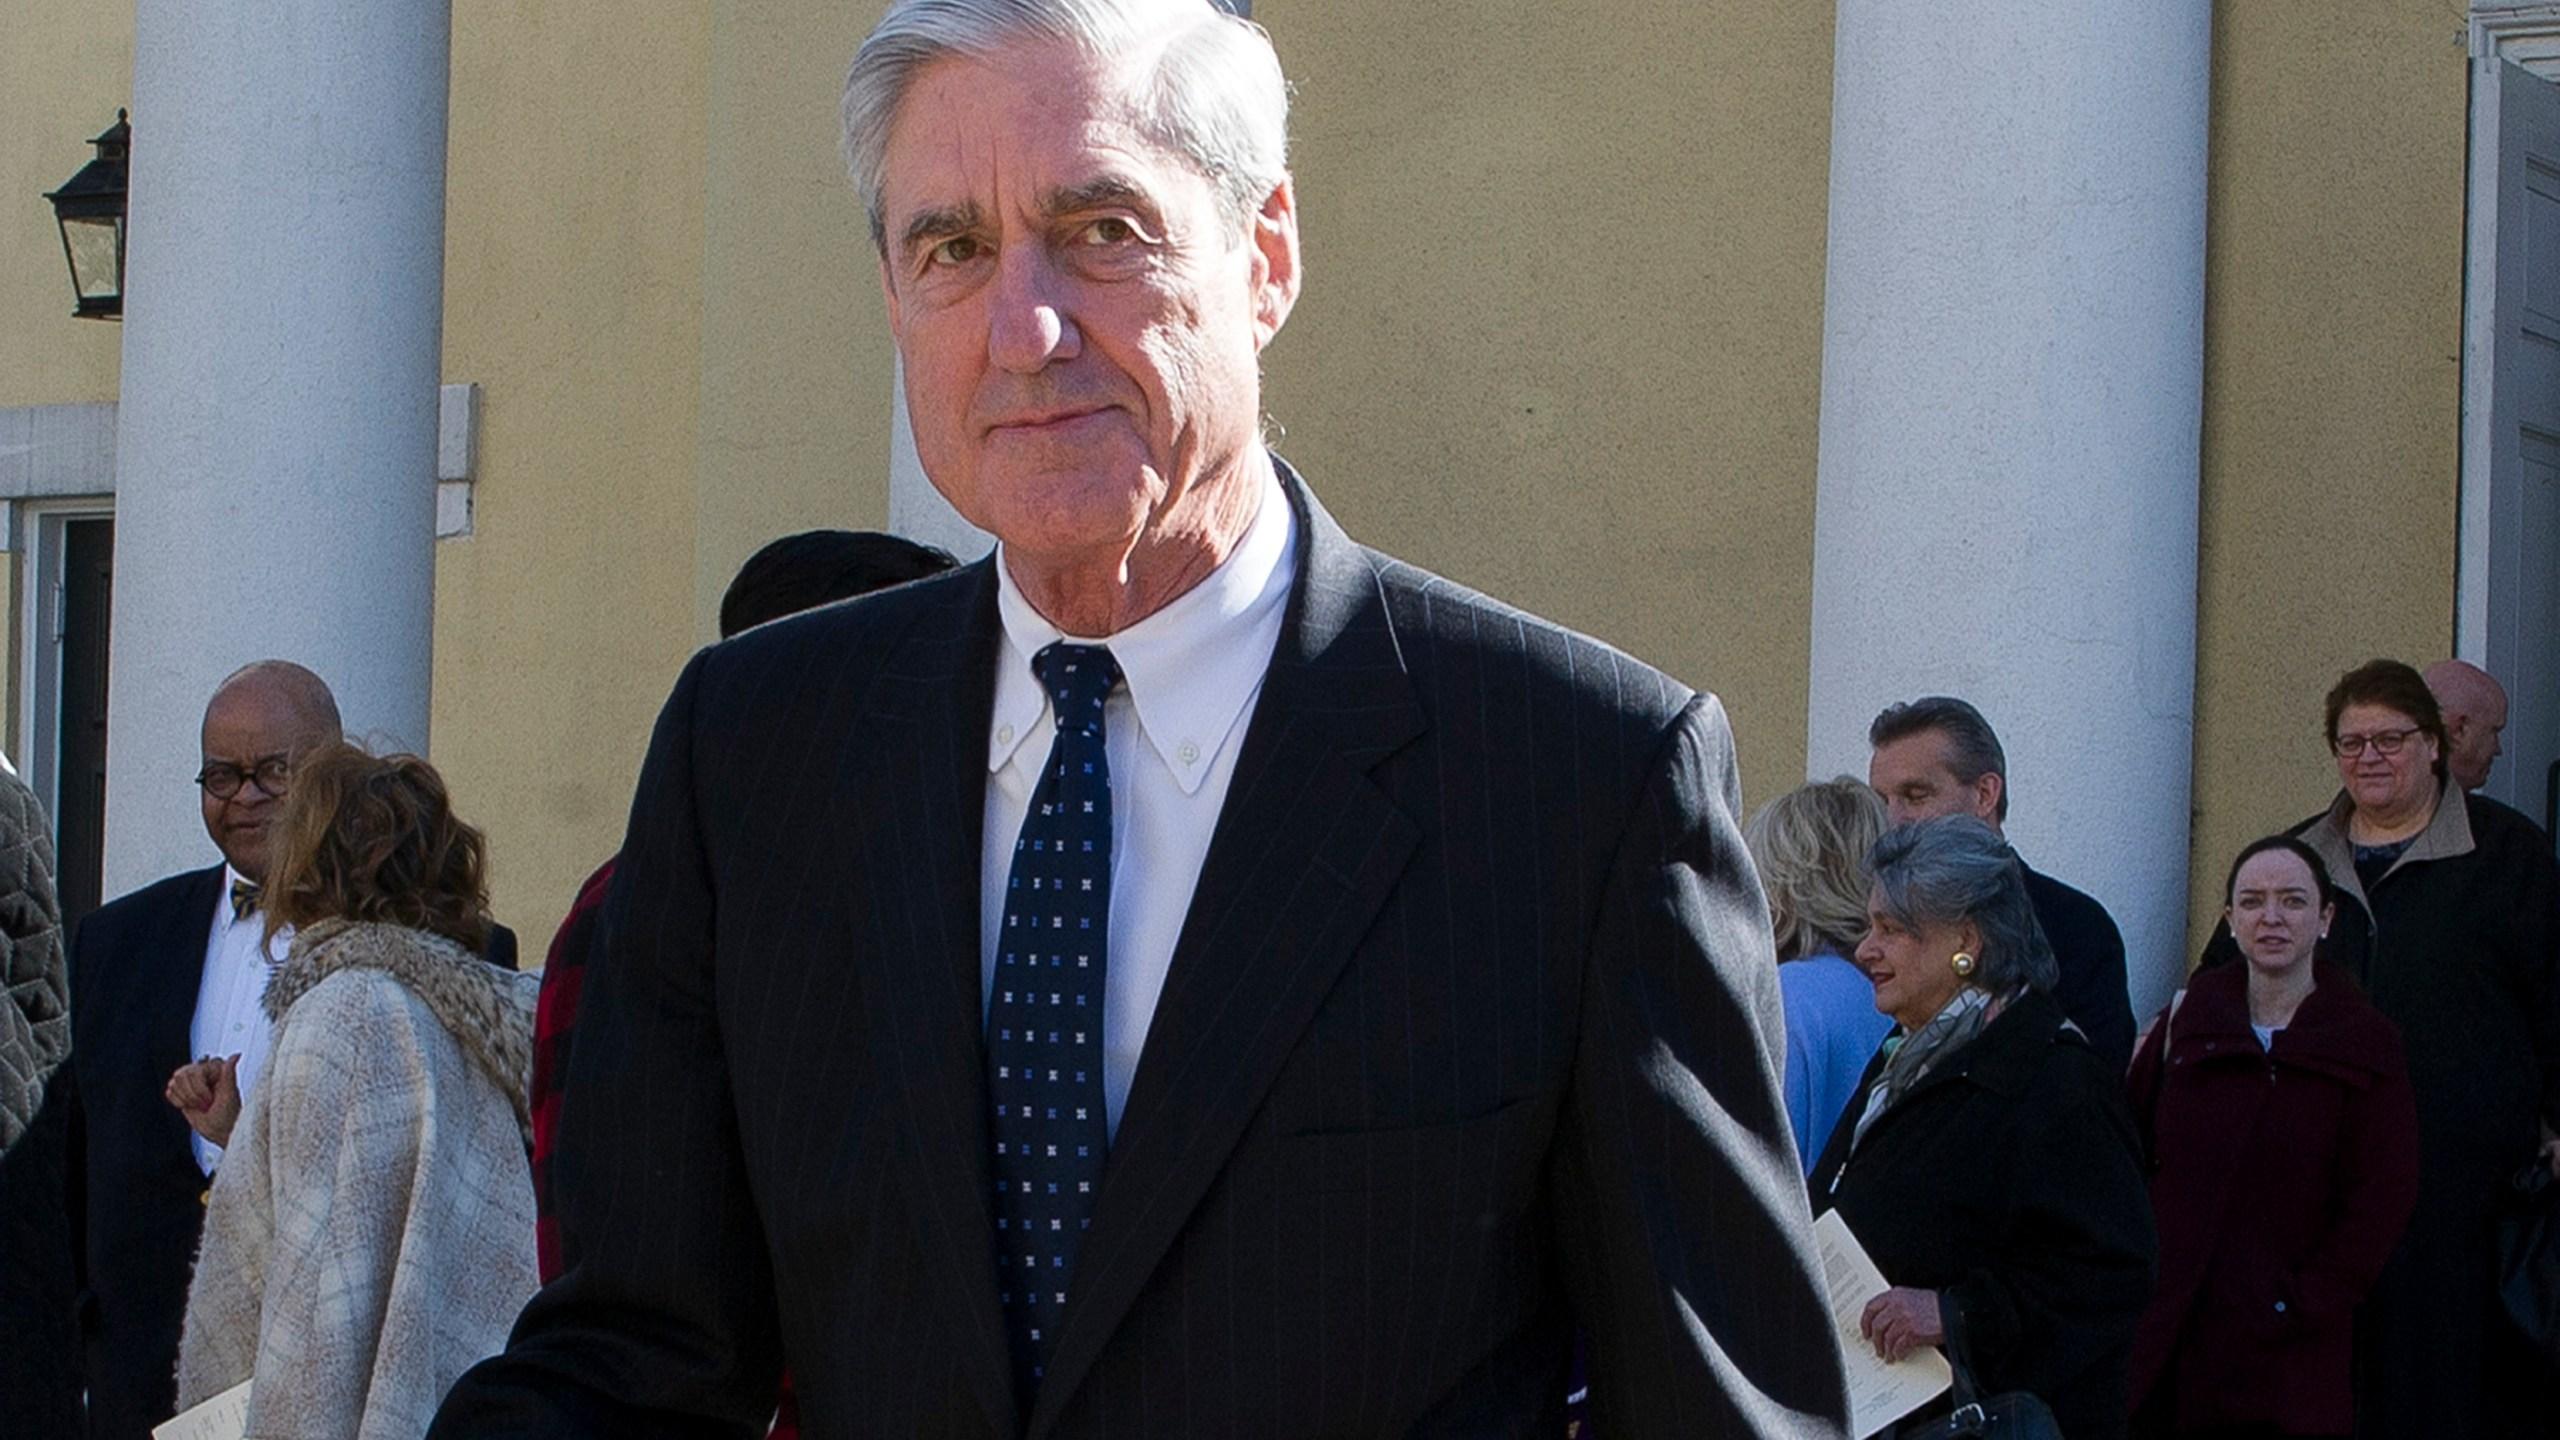 Mueller_The_Evidence_28016-159532.jpg57043944